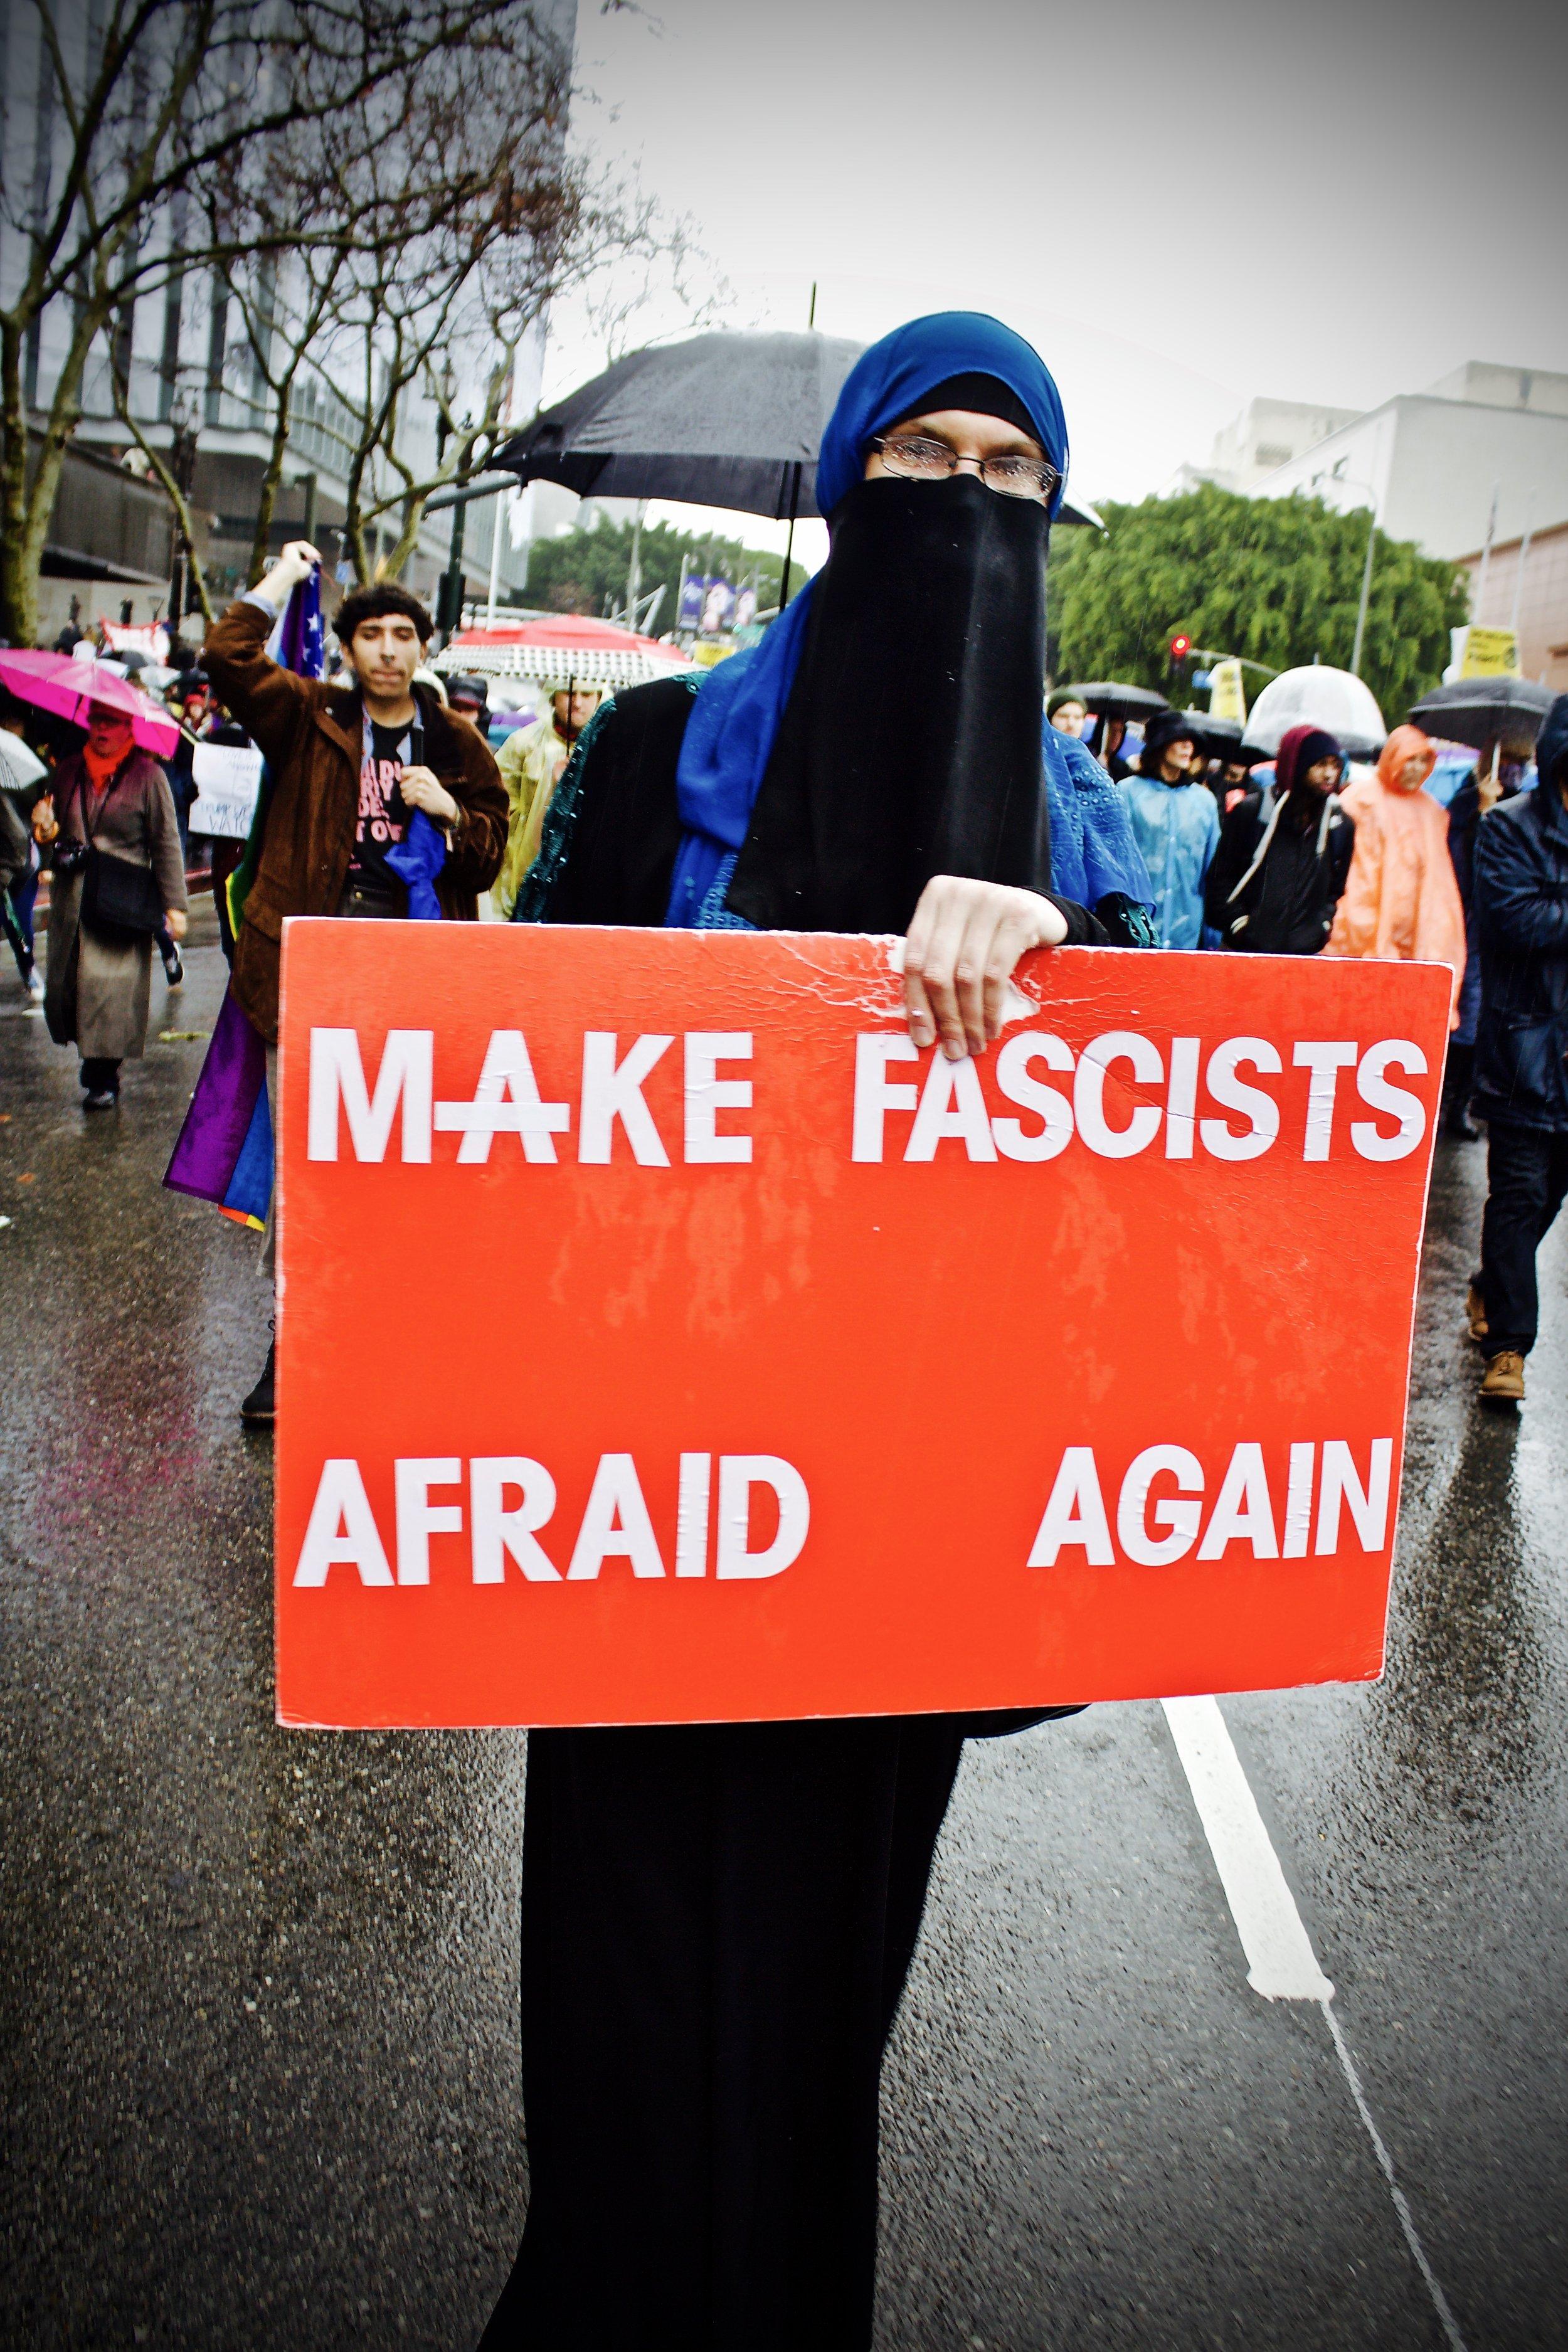 Sumayyah Dawud, 32, marches down a rain-soaked street on Muslim garb.